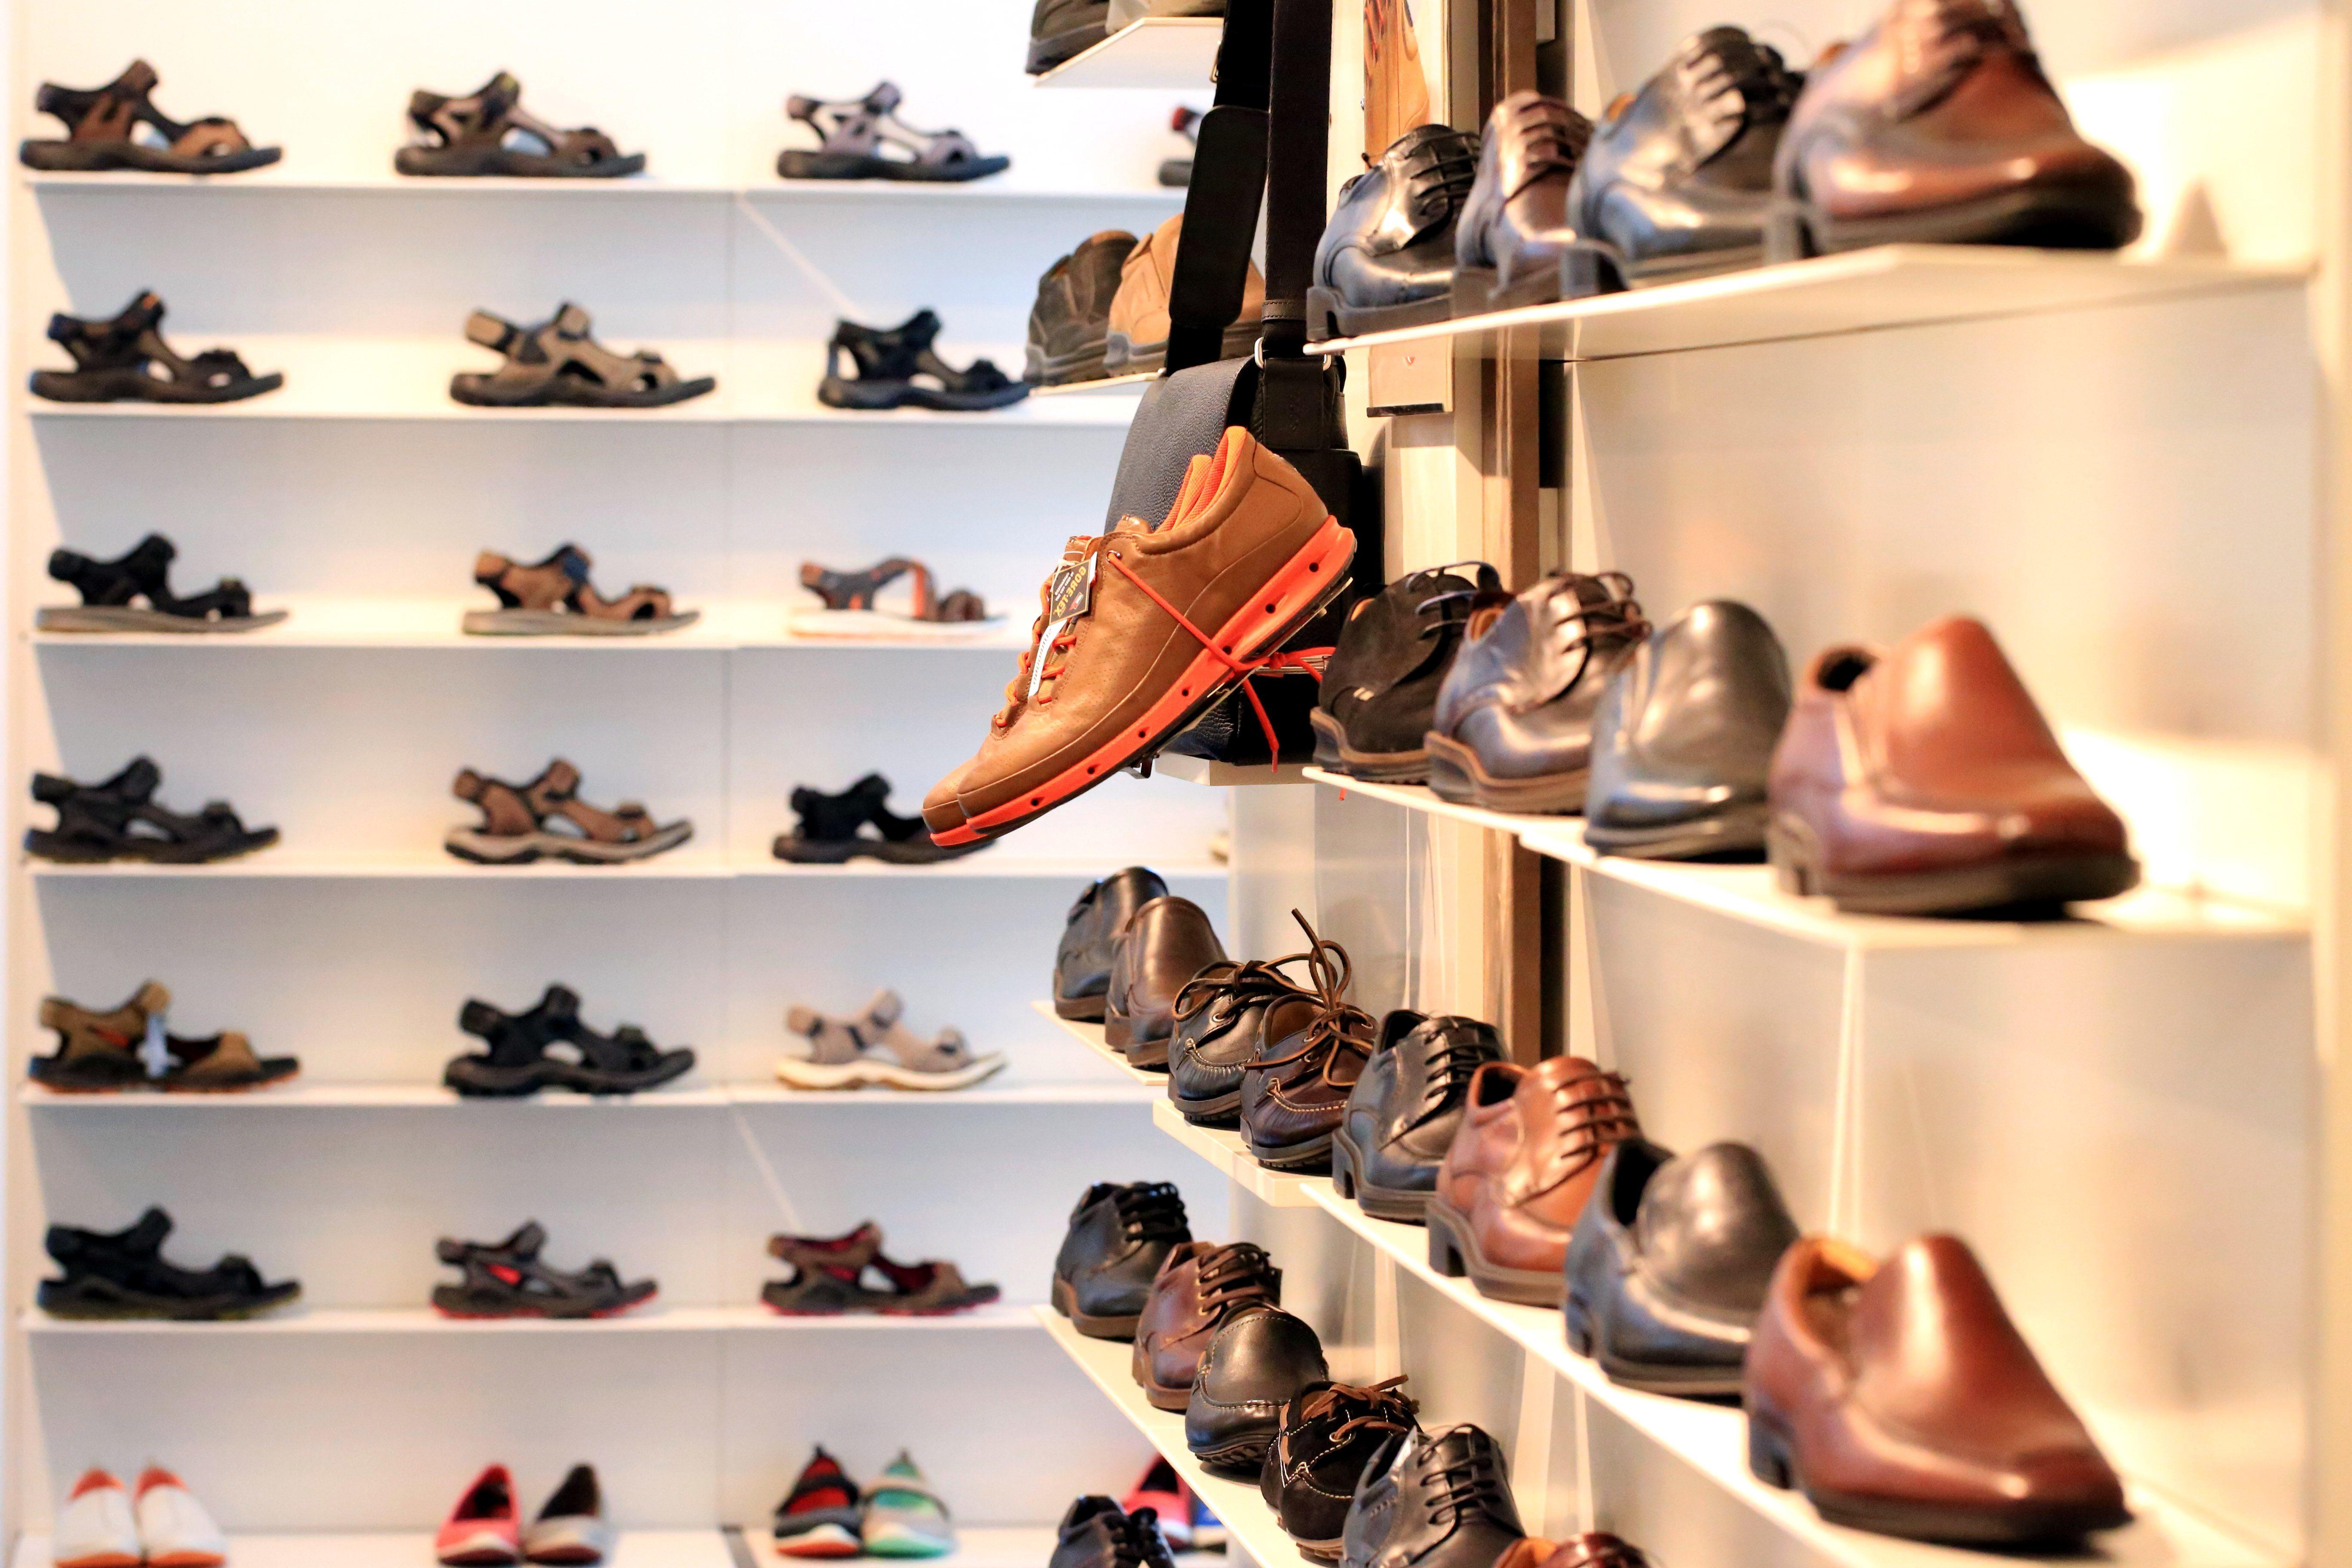 4682f689289a4 Image libre: chaussures, étagère, magasin de chaussures